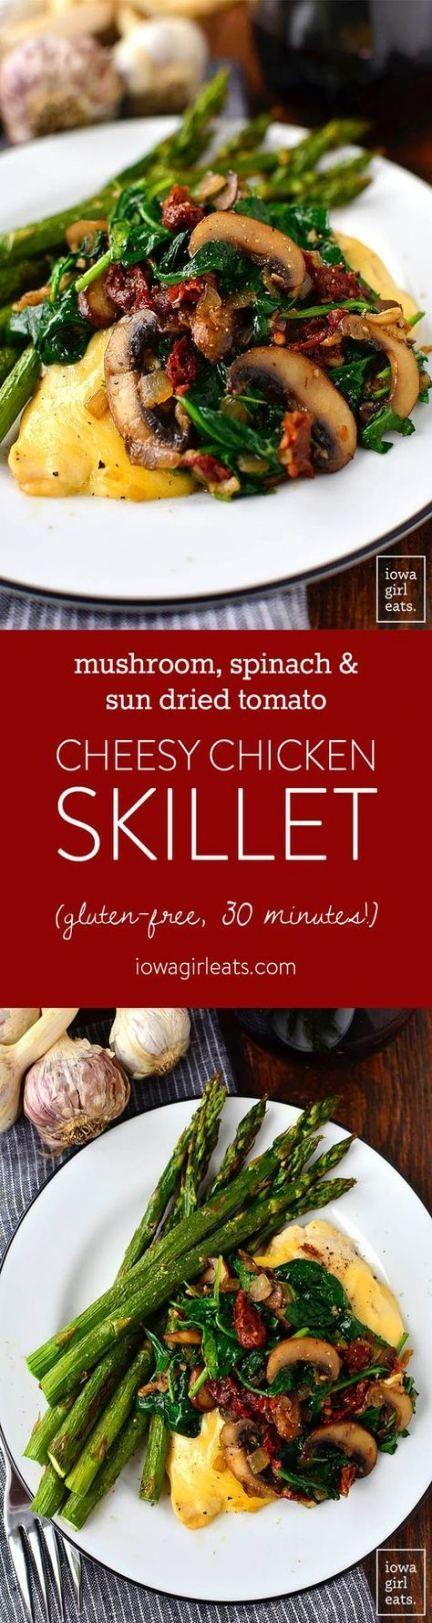 43 Healthy Chicken Gluten Free Chicken Recipe Ideas   – Chicken Recipes //